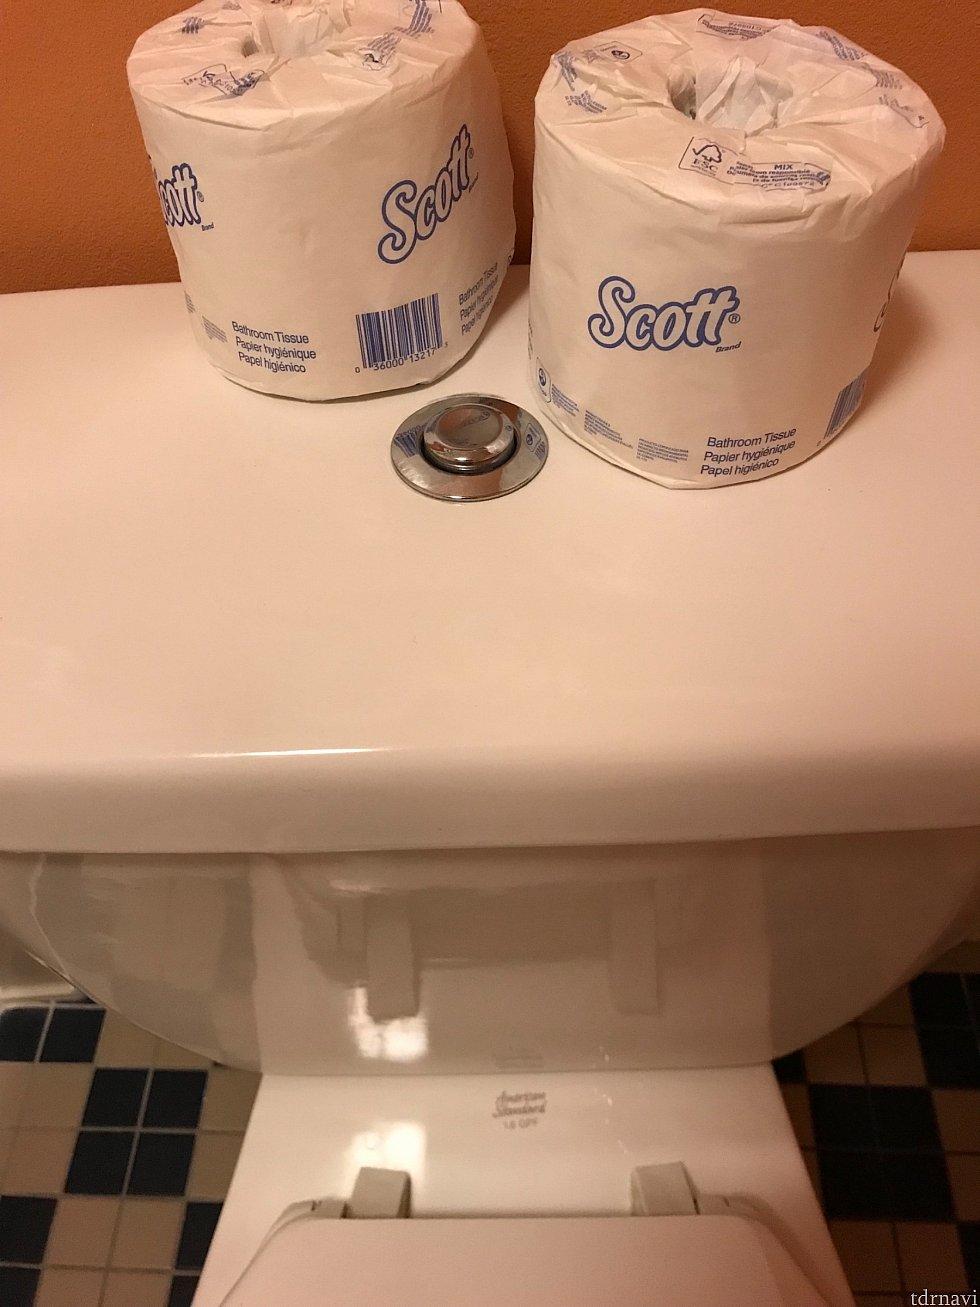 こちらはお風呂の真横にあるトイレです 写真に見えている銀色のボタンを押して流します トイレットペーパーの予備は常に二つありました